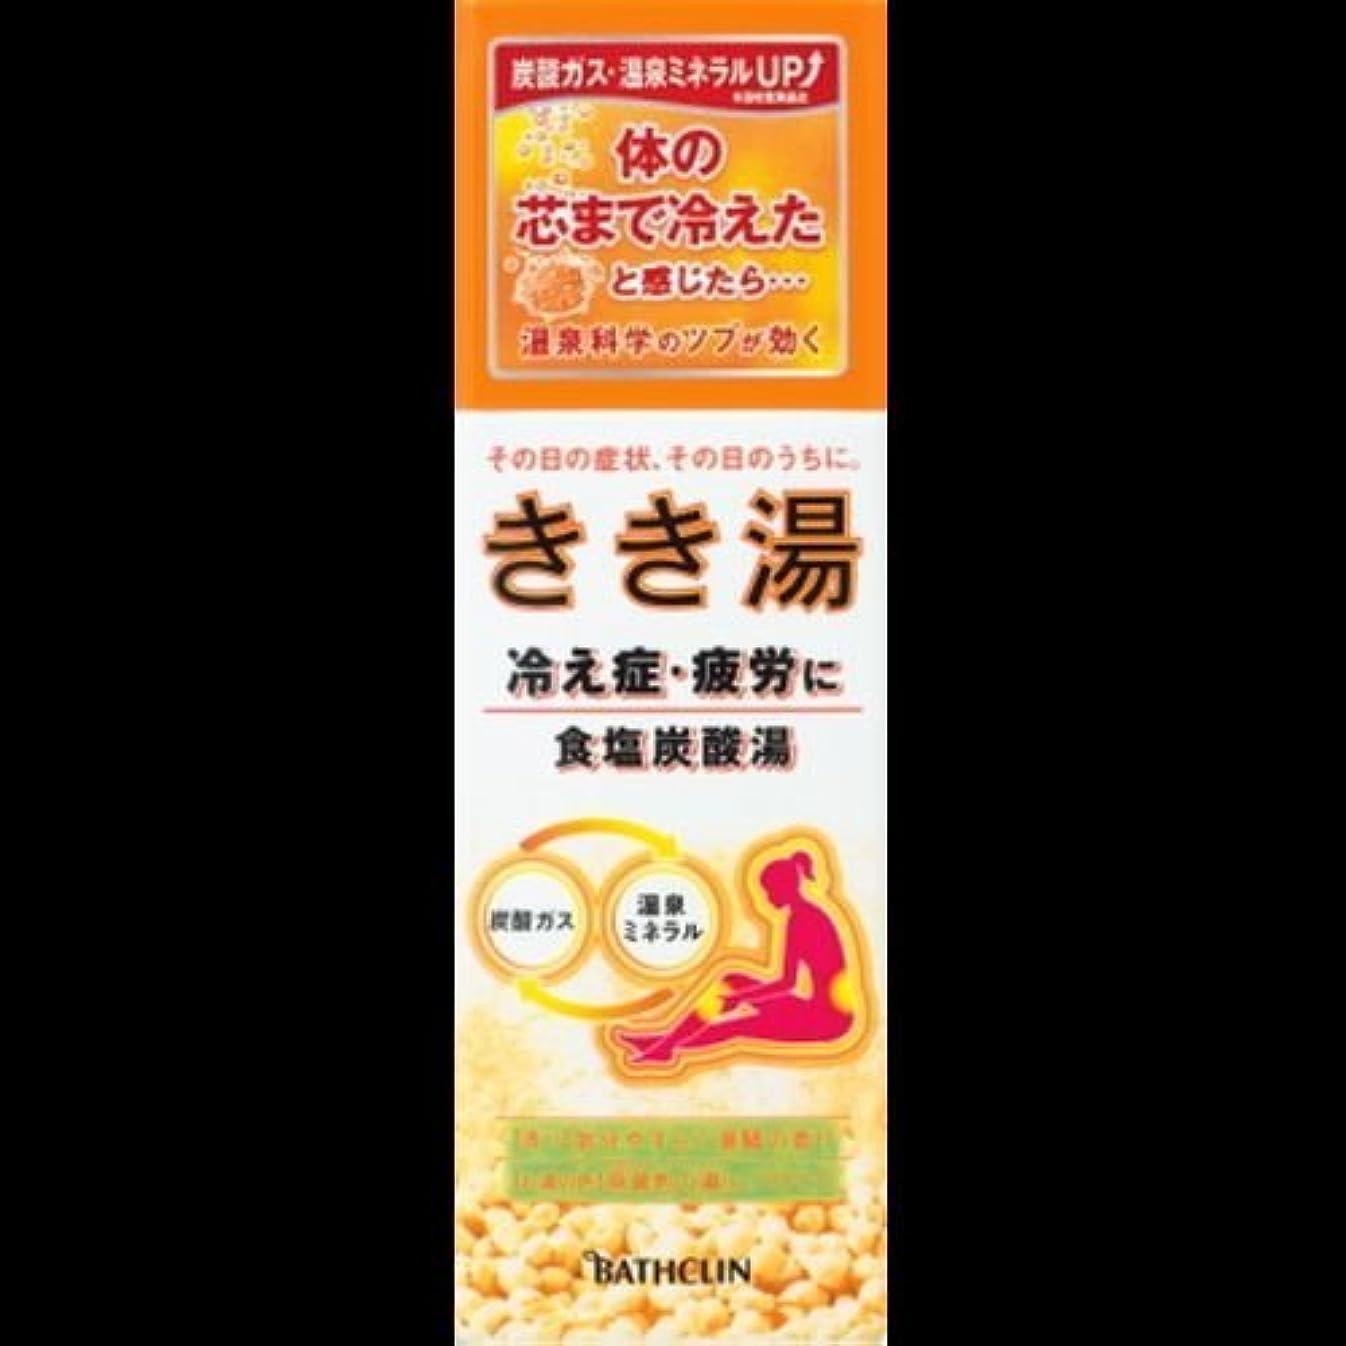 うるさい祝福するタワー[バスクリン]きき湯 食塩炭酸湯 360g(約12回分)